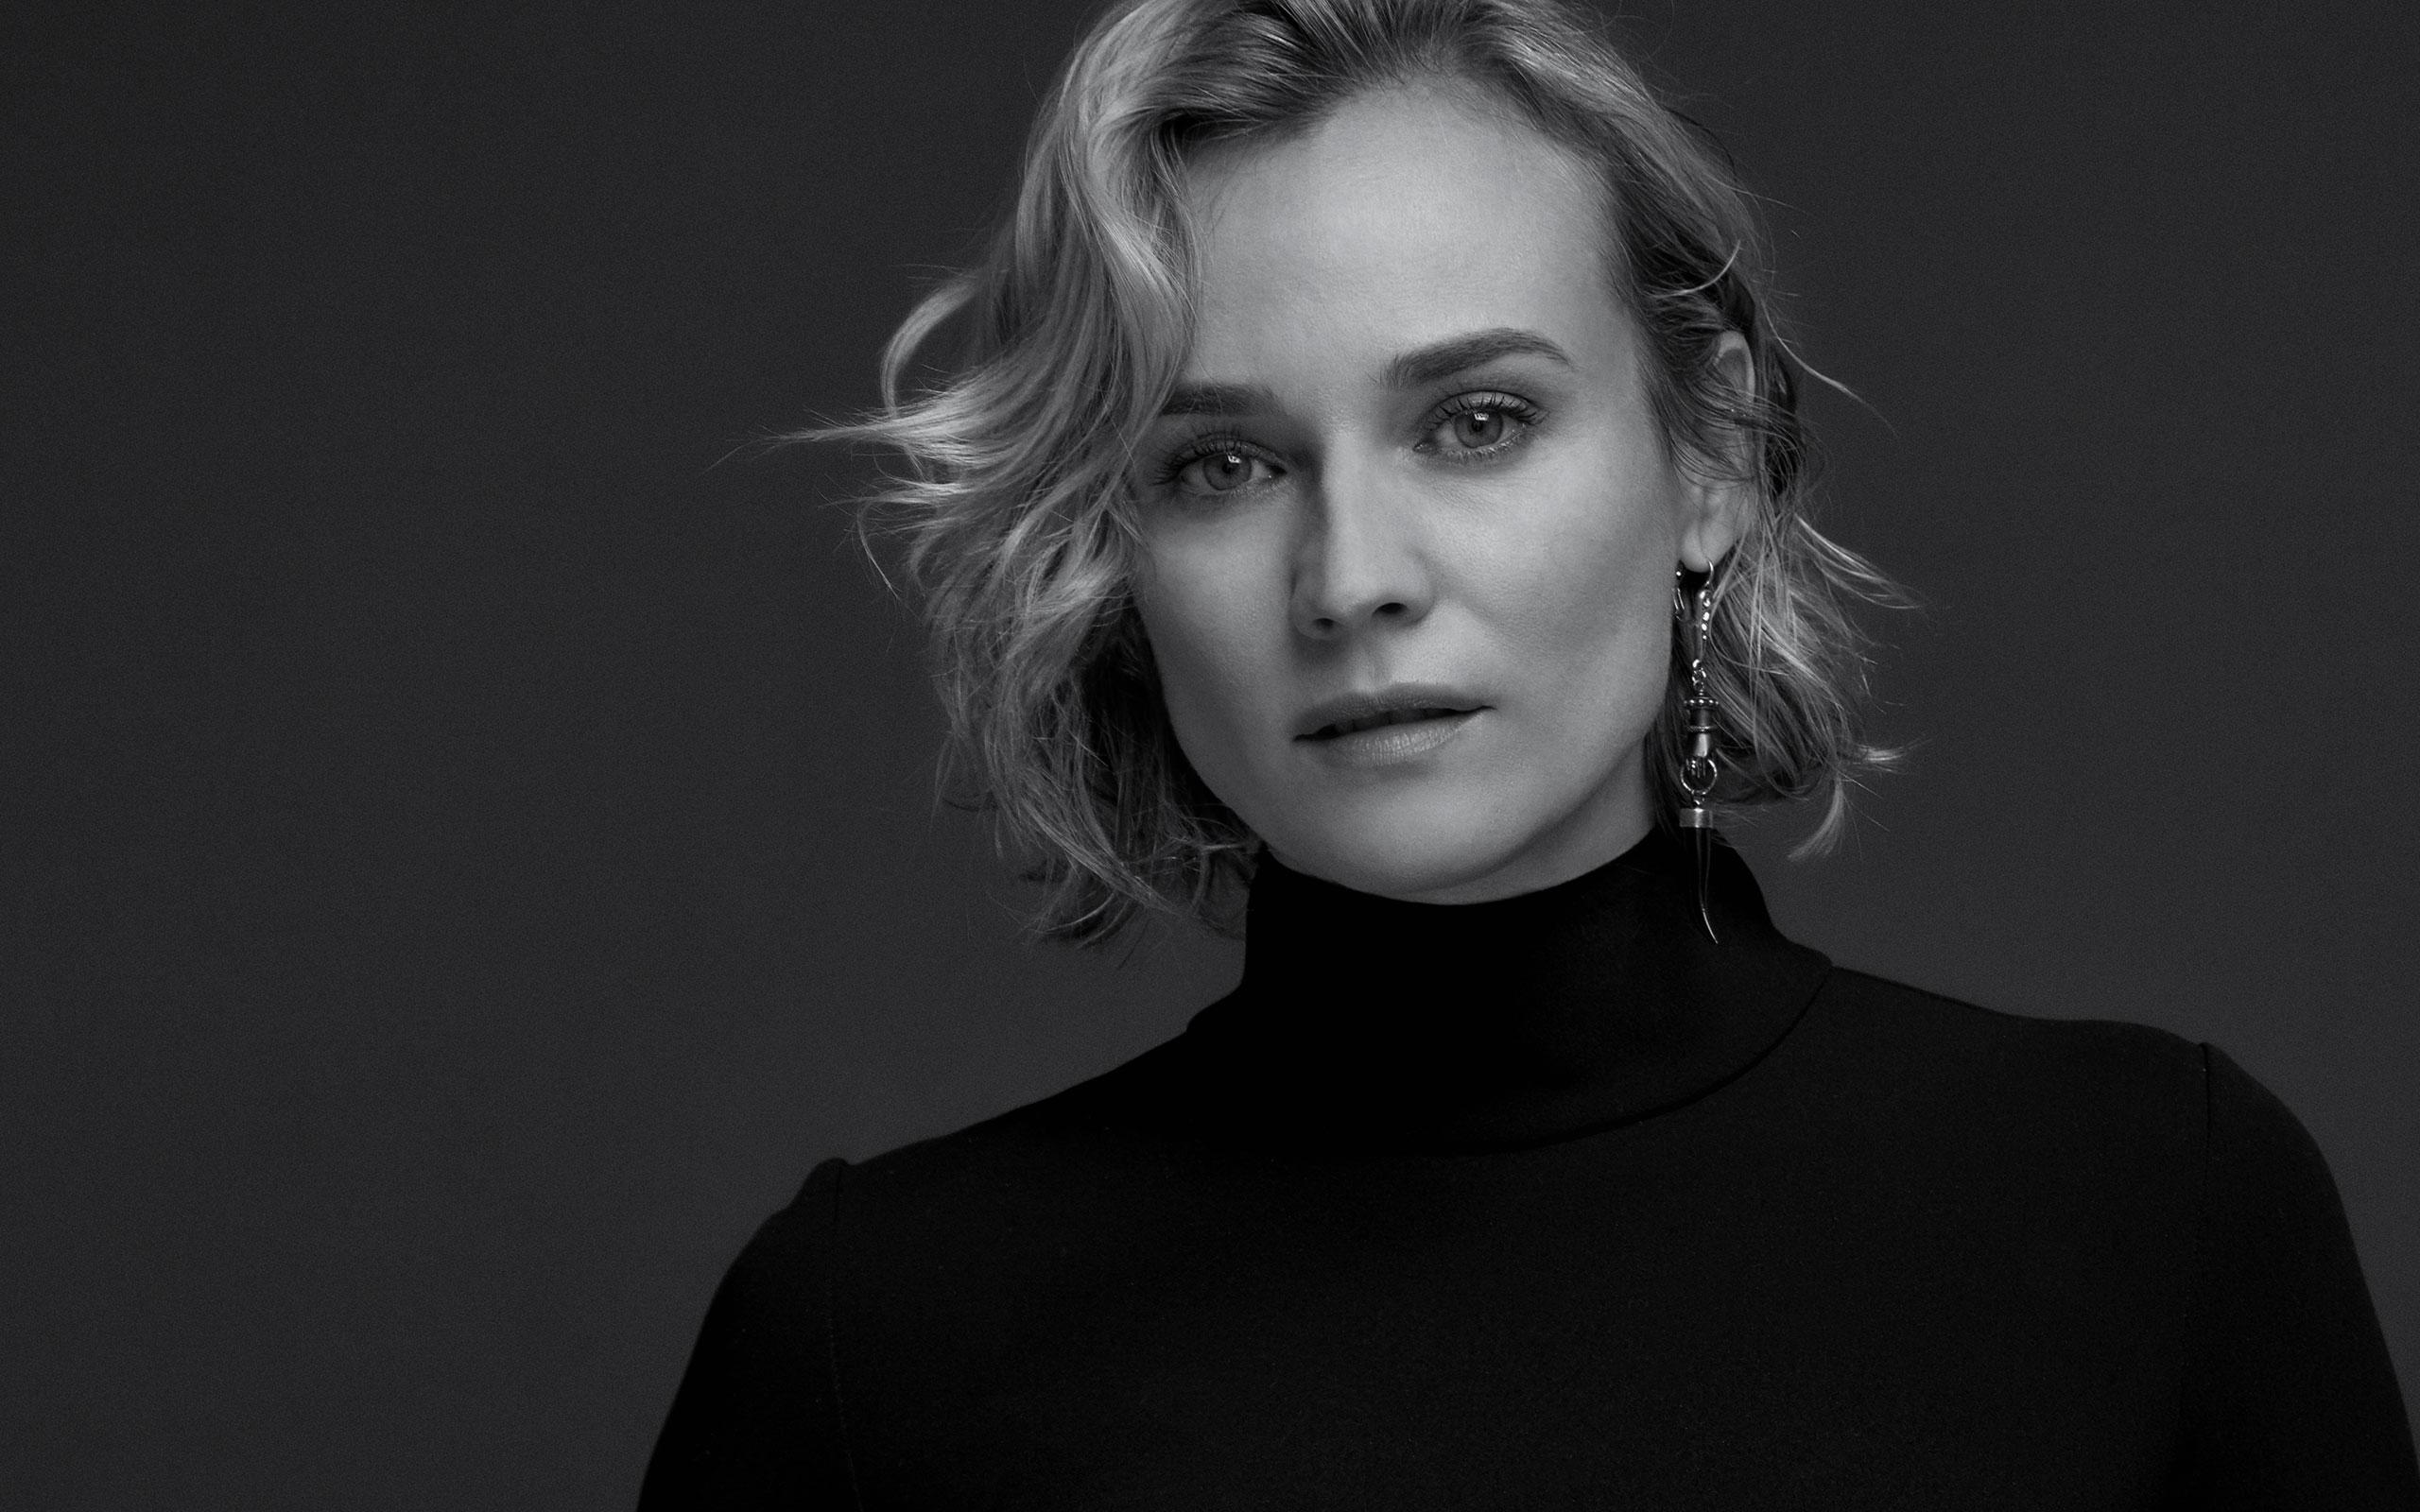 初の母国映画『女は二度決断する』で見せた新境地、Diane Krüger (ダイアン・クルーガー) インタビュー